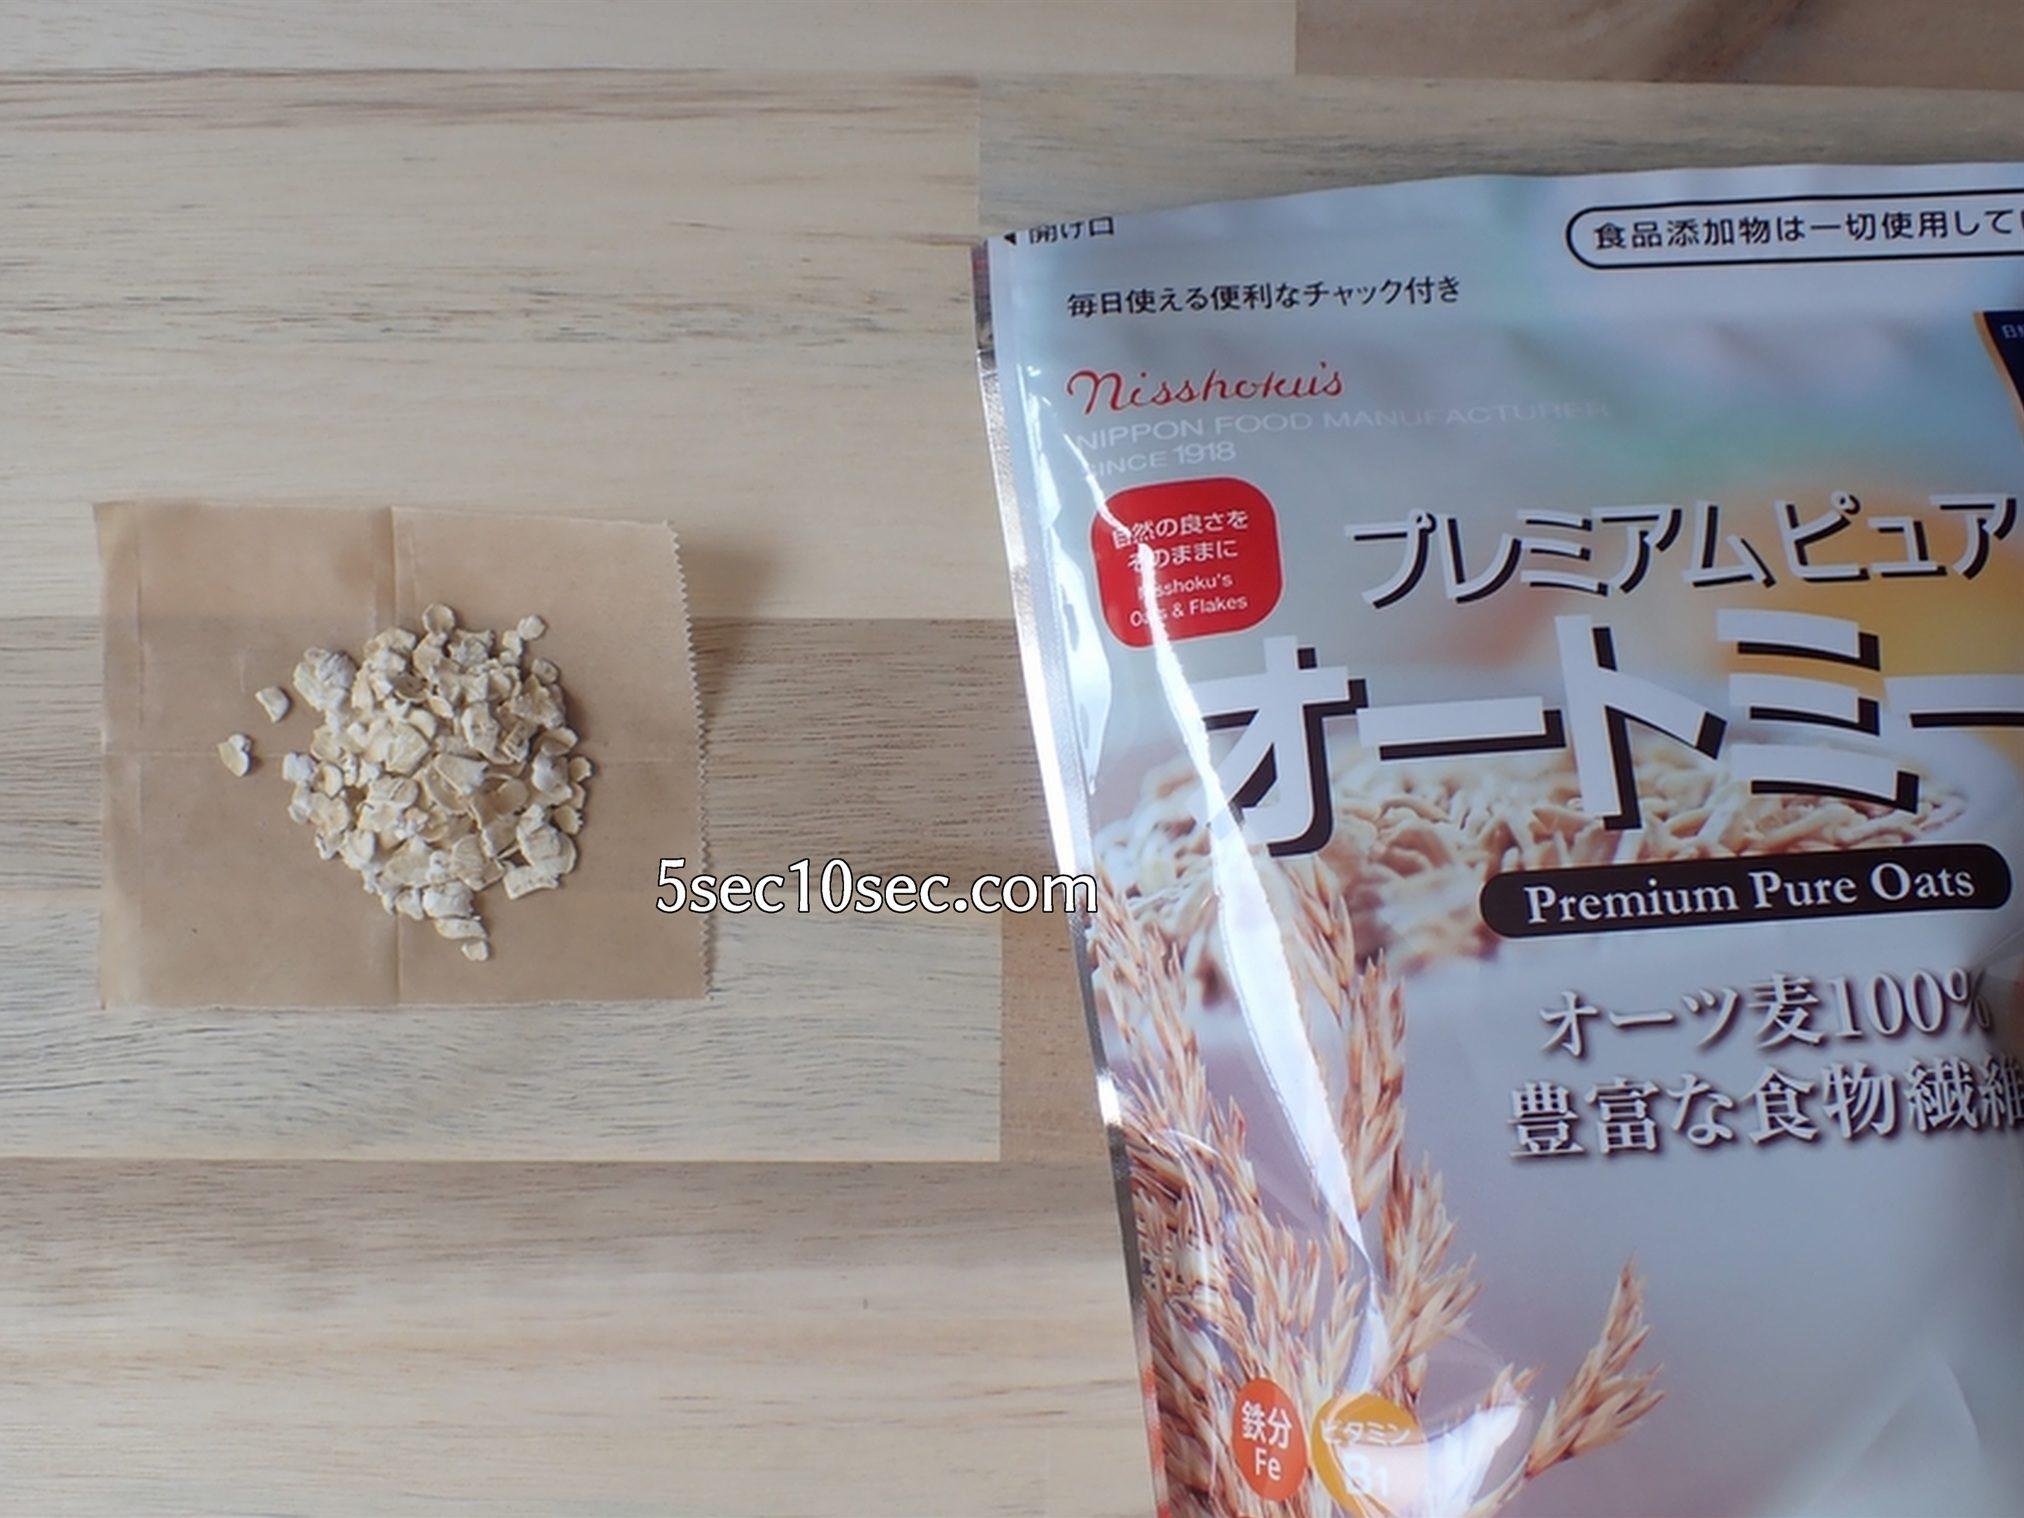 日食プレミアム ピュアオートミール 300g 中身のオーツ麦の写真